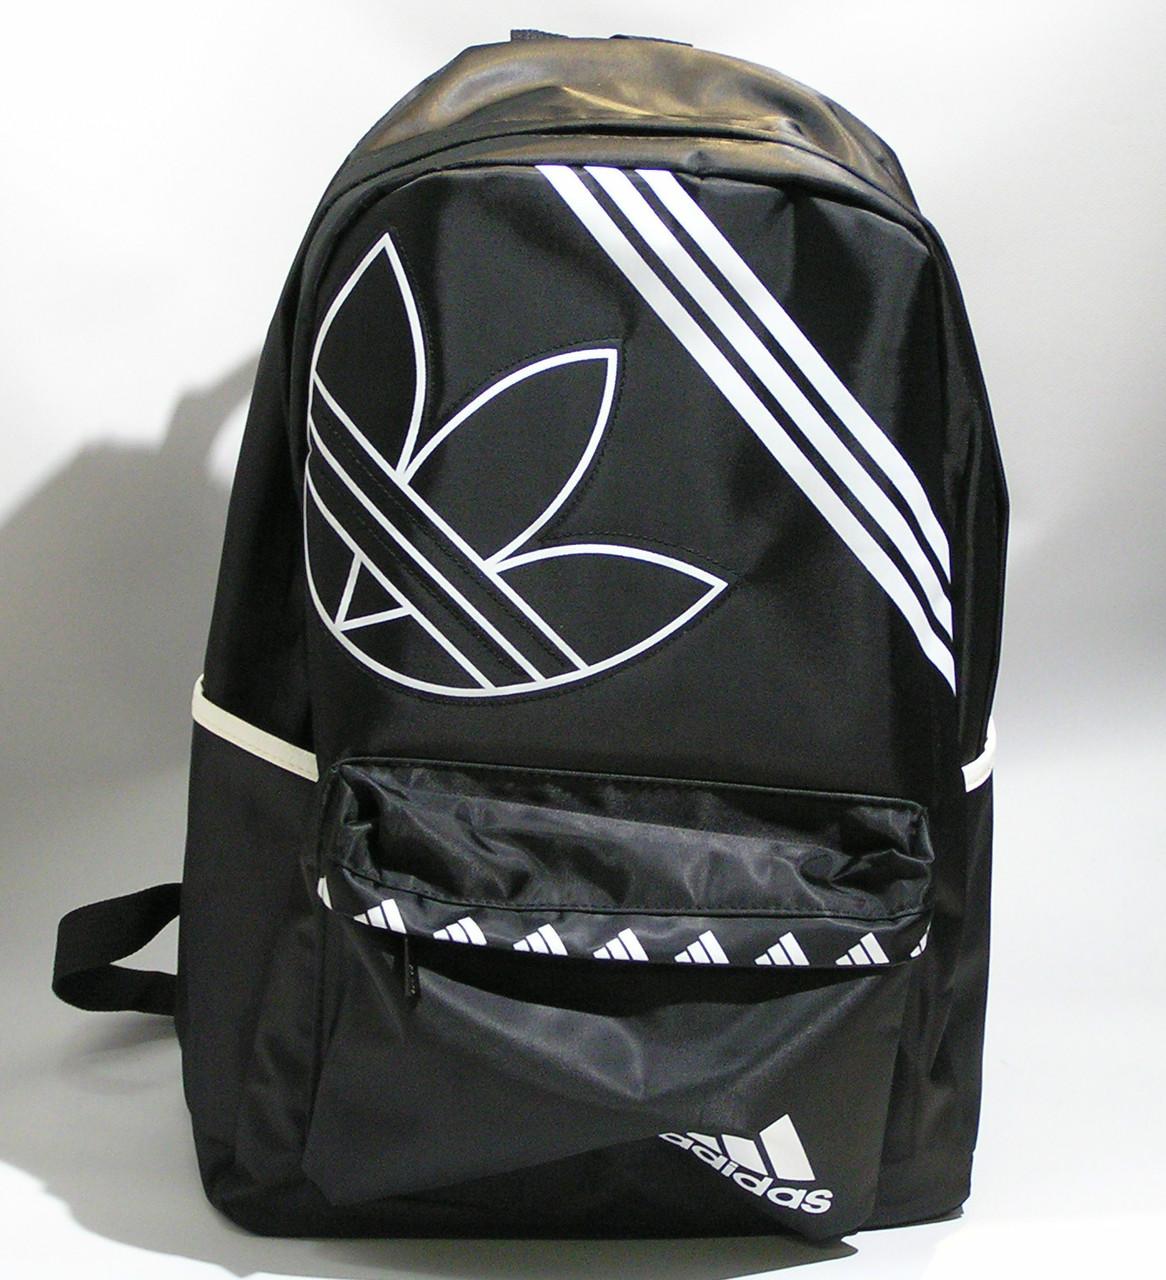 09c2b221cf79 Стильный рюкзак Адидас. Оригинал. Высокое качество. Удобный рюкзак. Интернет  магазин. Код